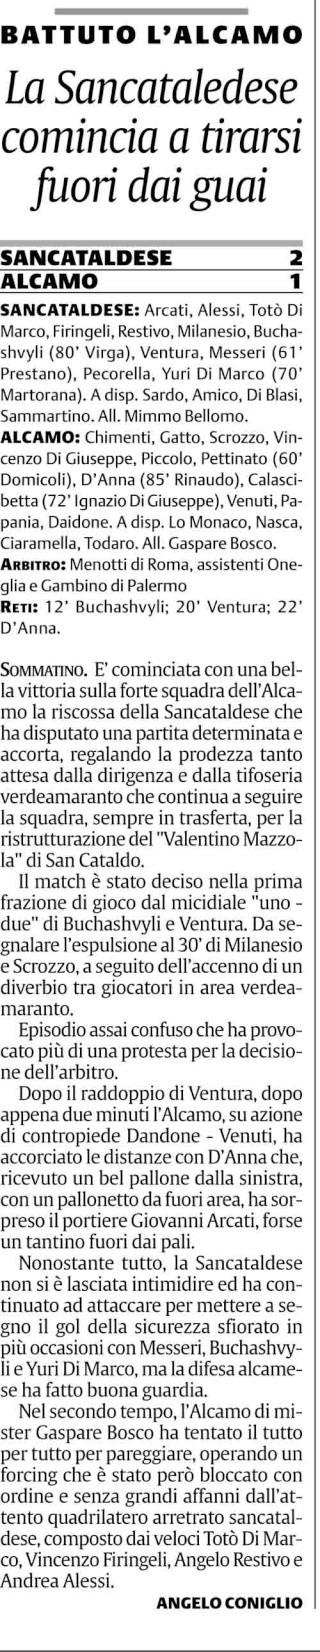 Campionato 17° giornata: Sancataldese - Alcamo 2-1 Cnsc38